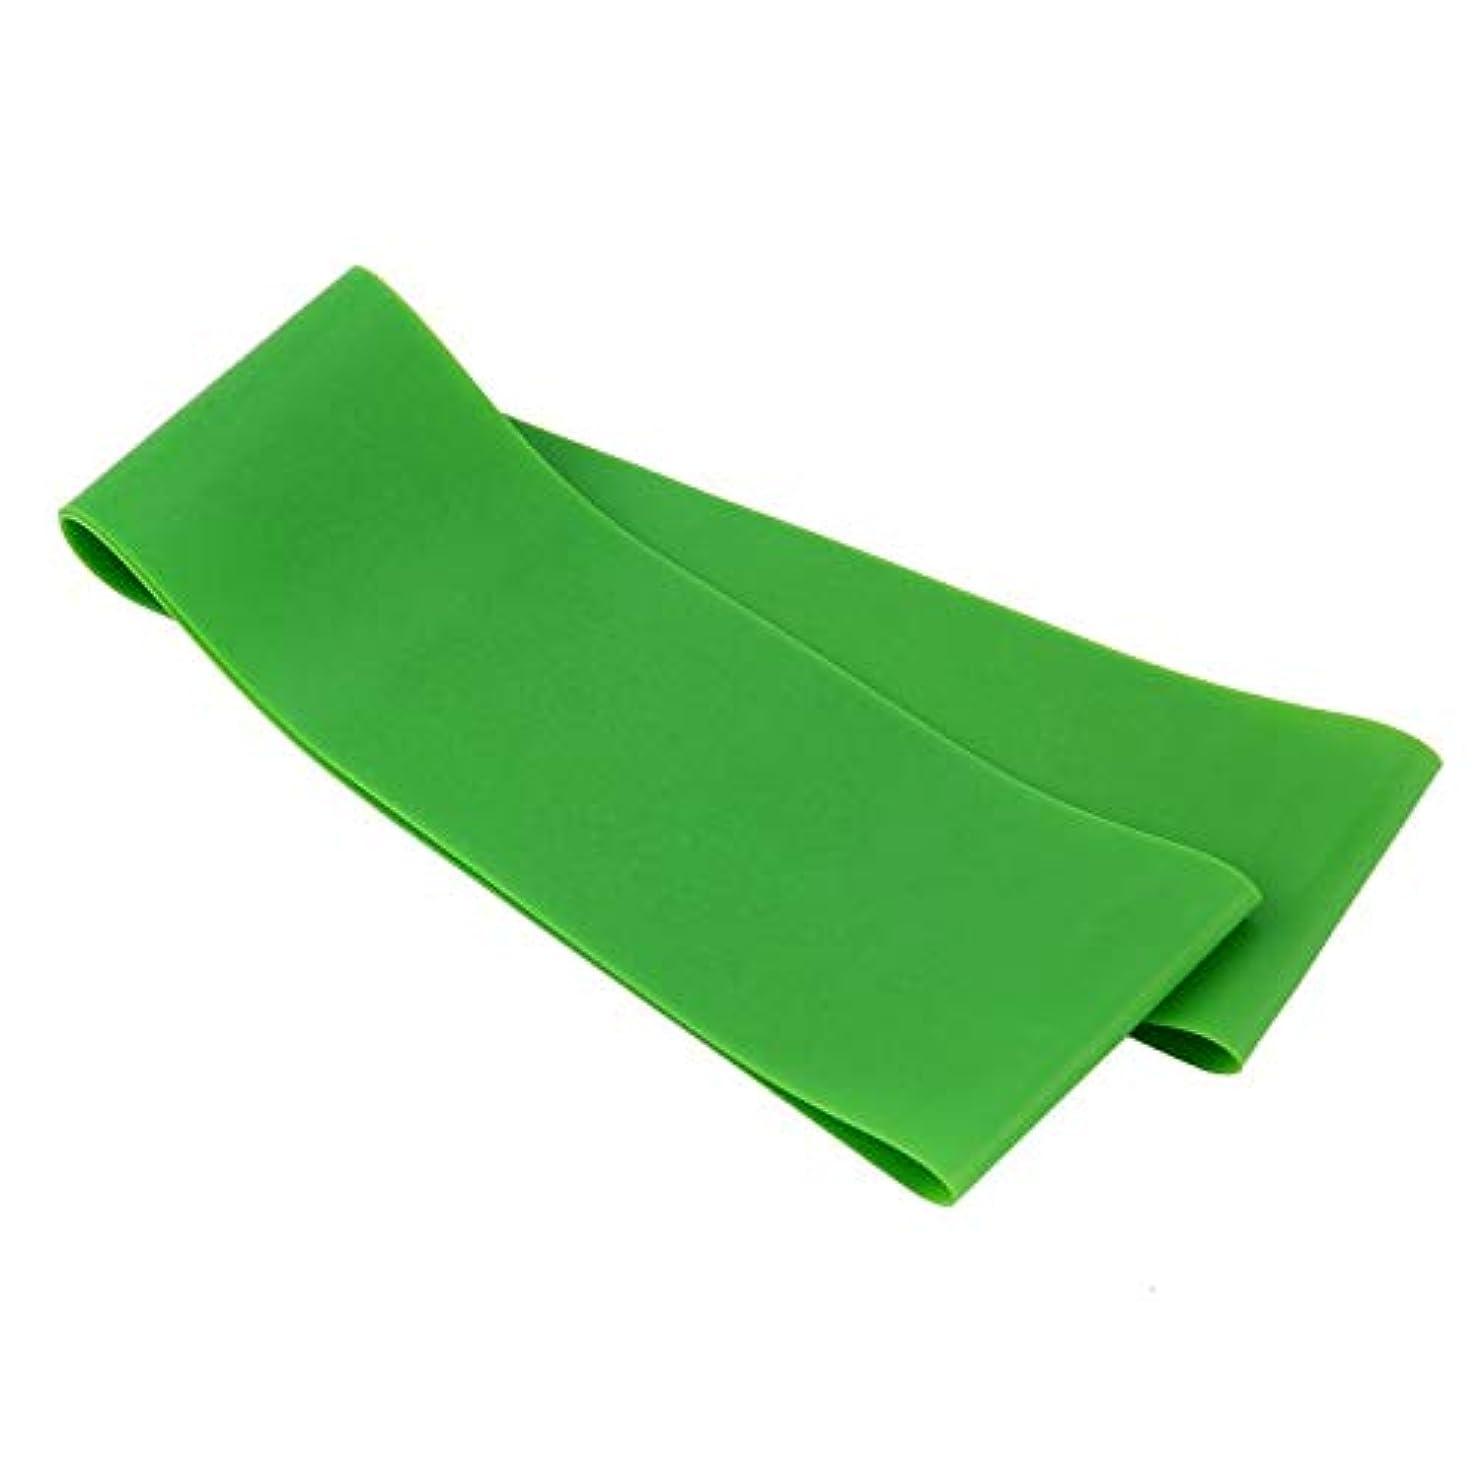 割るうま輝度滑り止め伸縮性ゴム弾性ヨガベルトバンドプルロープ張力抵抗バンドループ強度のためのフィットネスヨガツール - グリーン